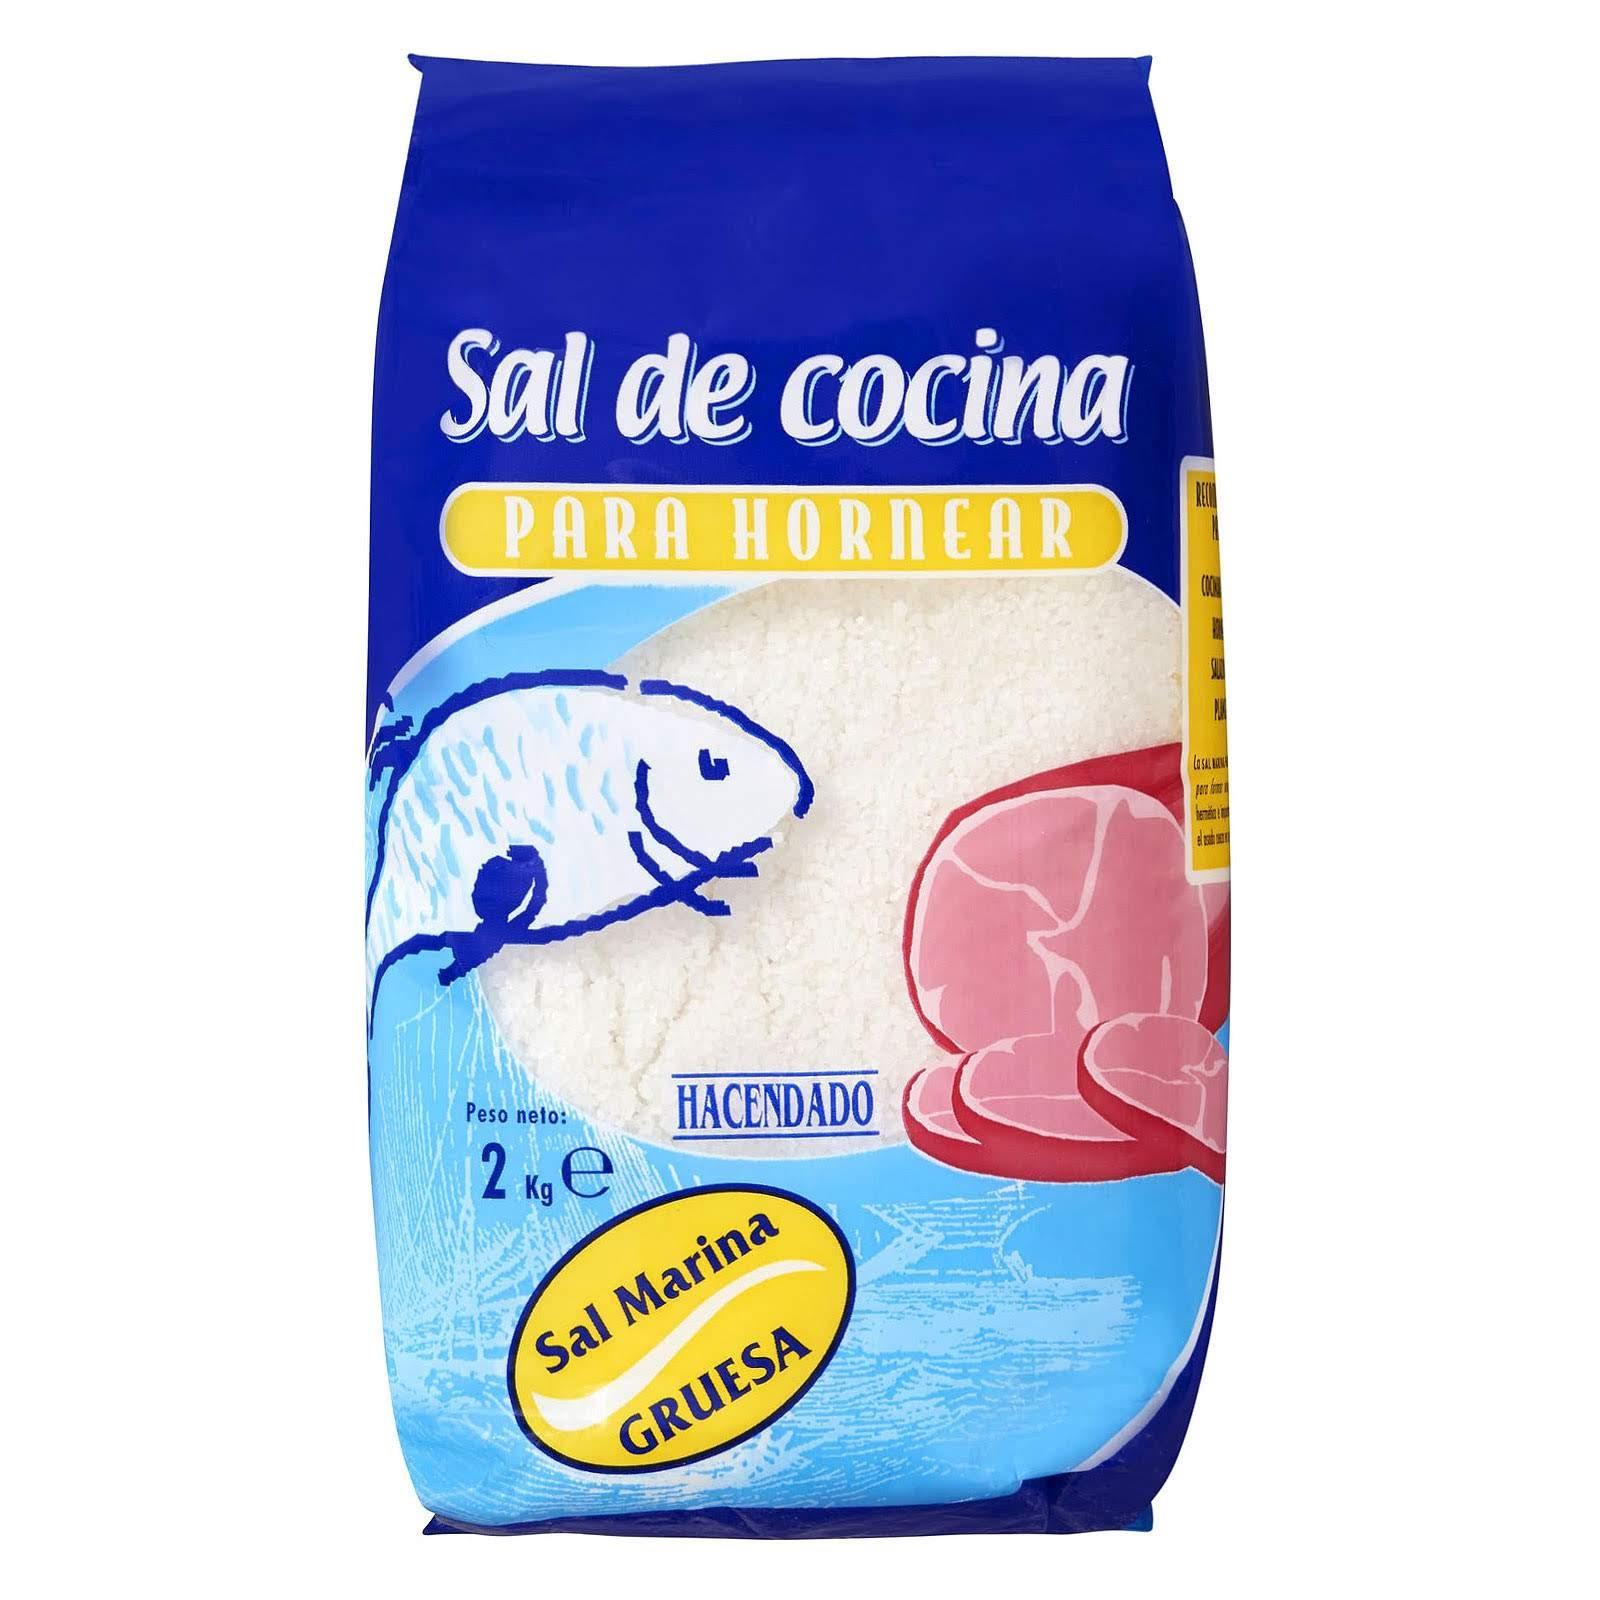 Sal gruesa para hornear Hacendado